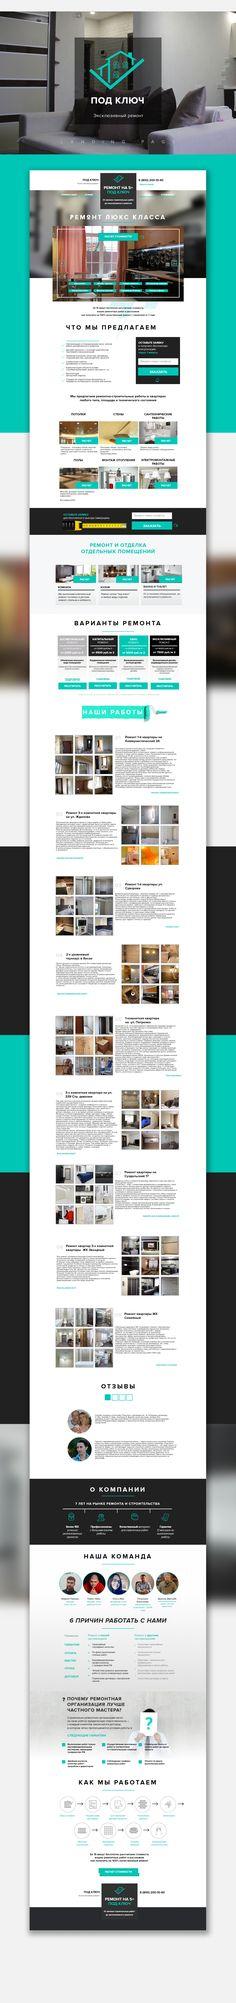 Ознакомьтесь с моим проектом в @Behance: «Под ключ - Ремонт квартир» https://www.behance.net/gallery/43775829/pod-kljuch-remont-kvartir